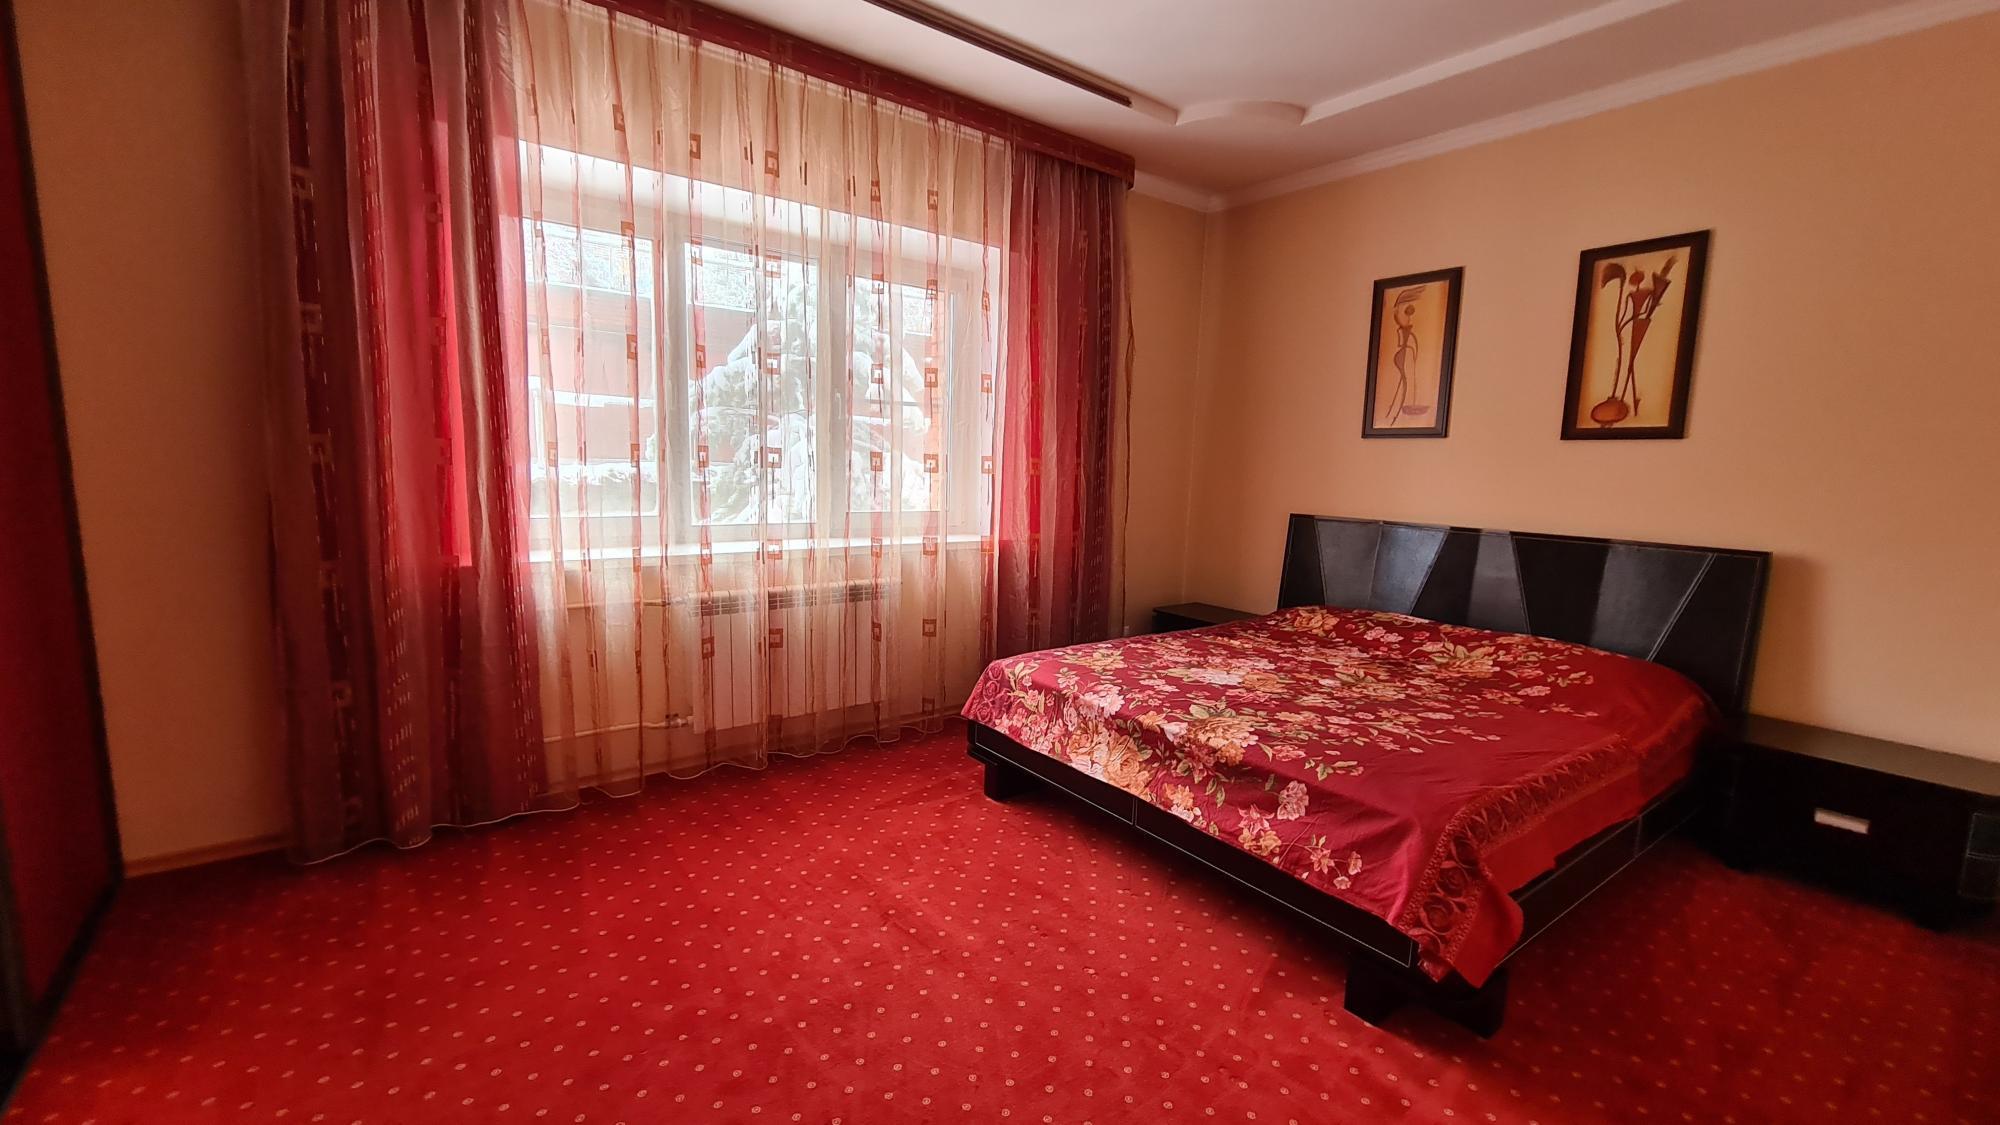 4к квартира улица Елены Стасовой, 25Г | 70000 | аренда в Красноярске фото 5